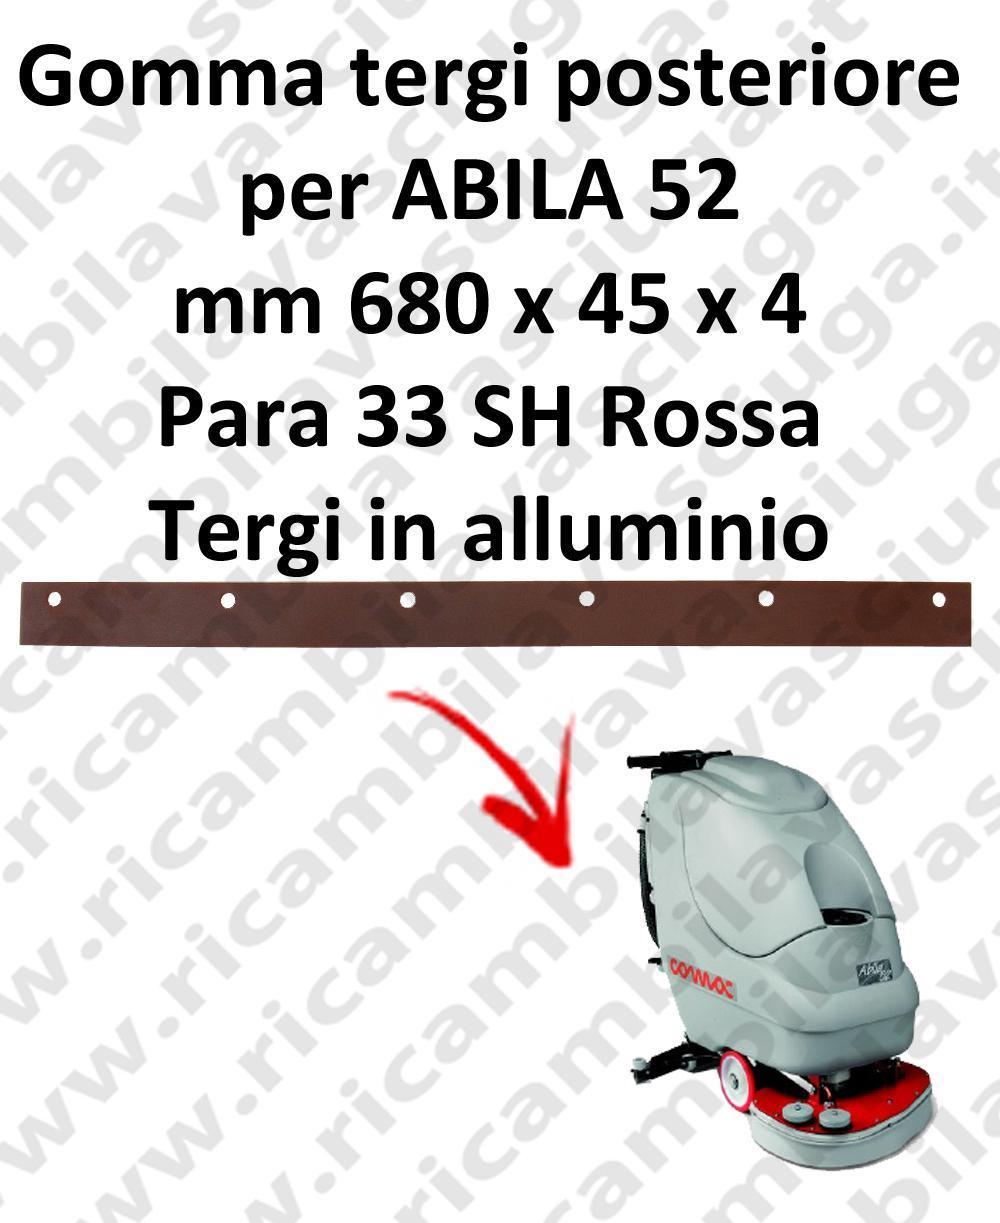 ABILA 52 goma de secado trasero para COMAC repuestos fregadoras squeegee